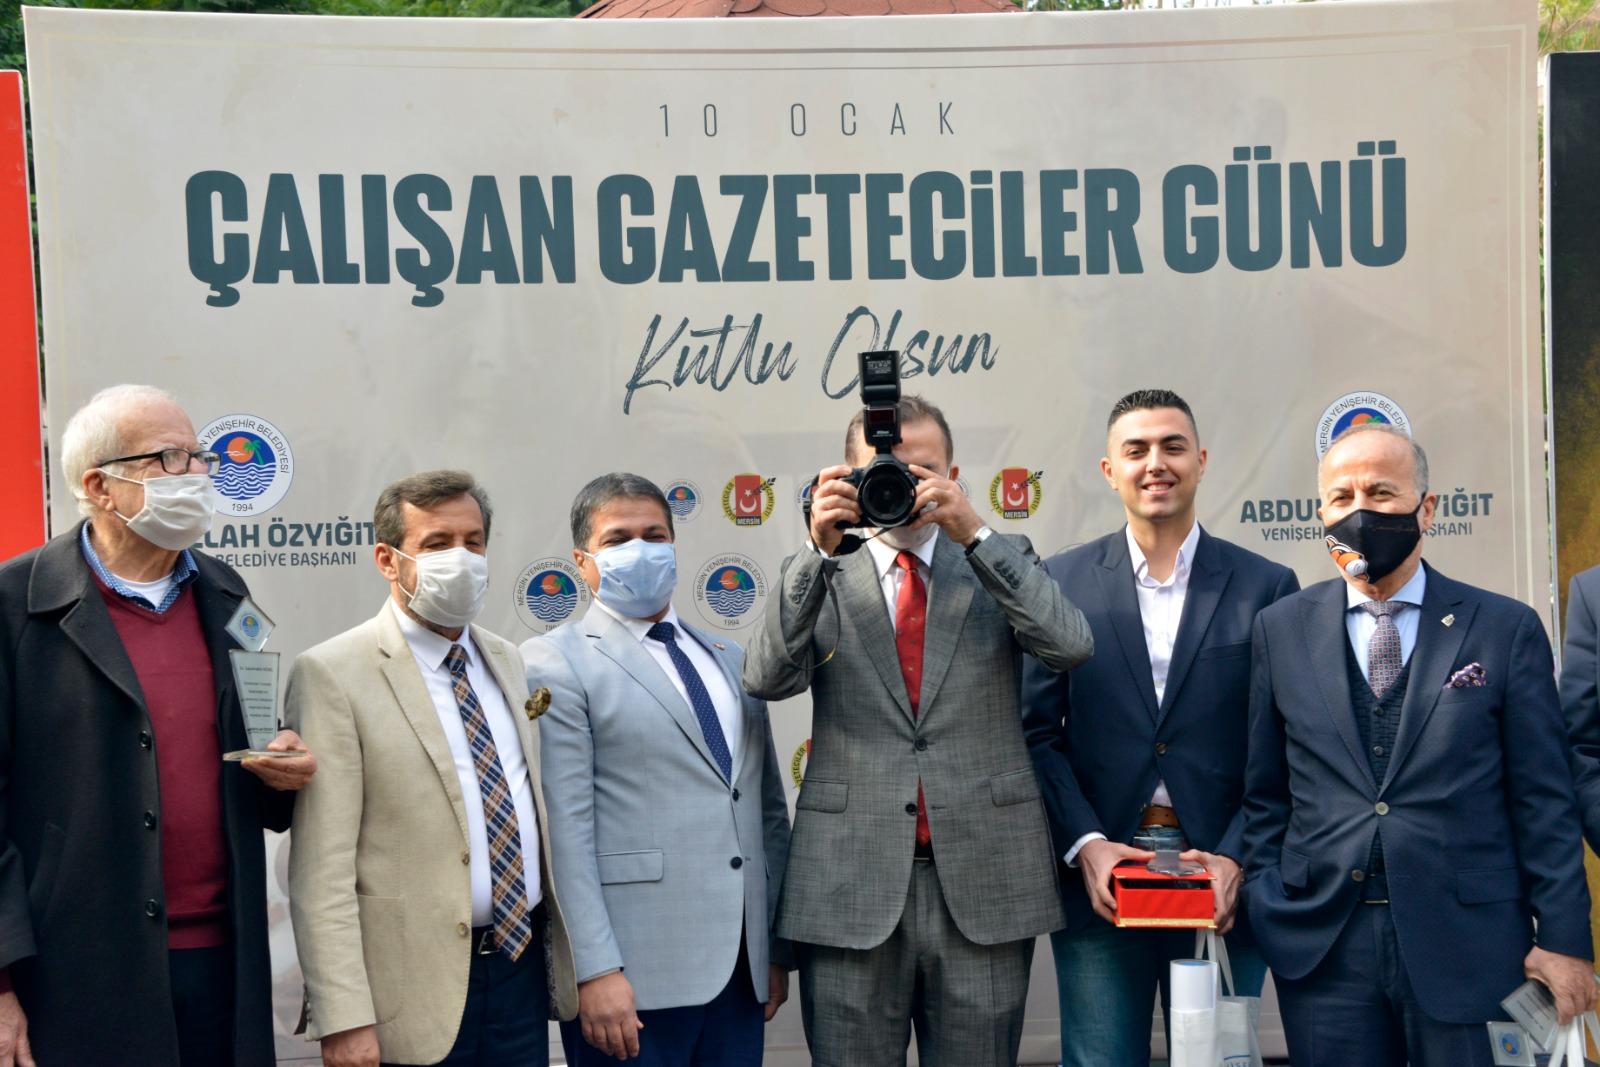 10 Ocak Çalışan Gazeteciler Günü Yenişehir'de kutlandı